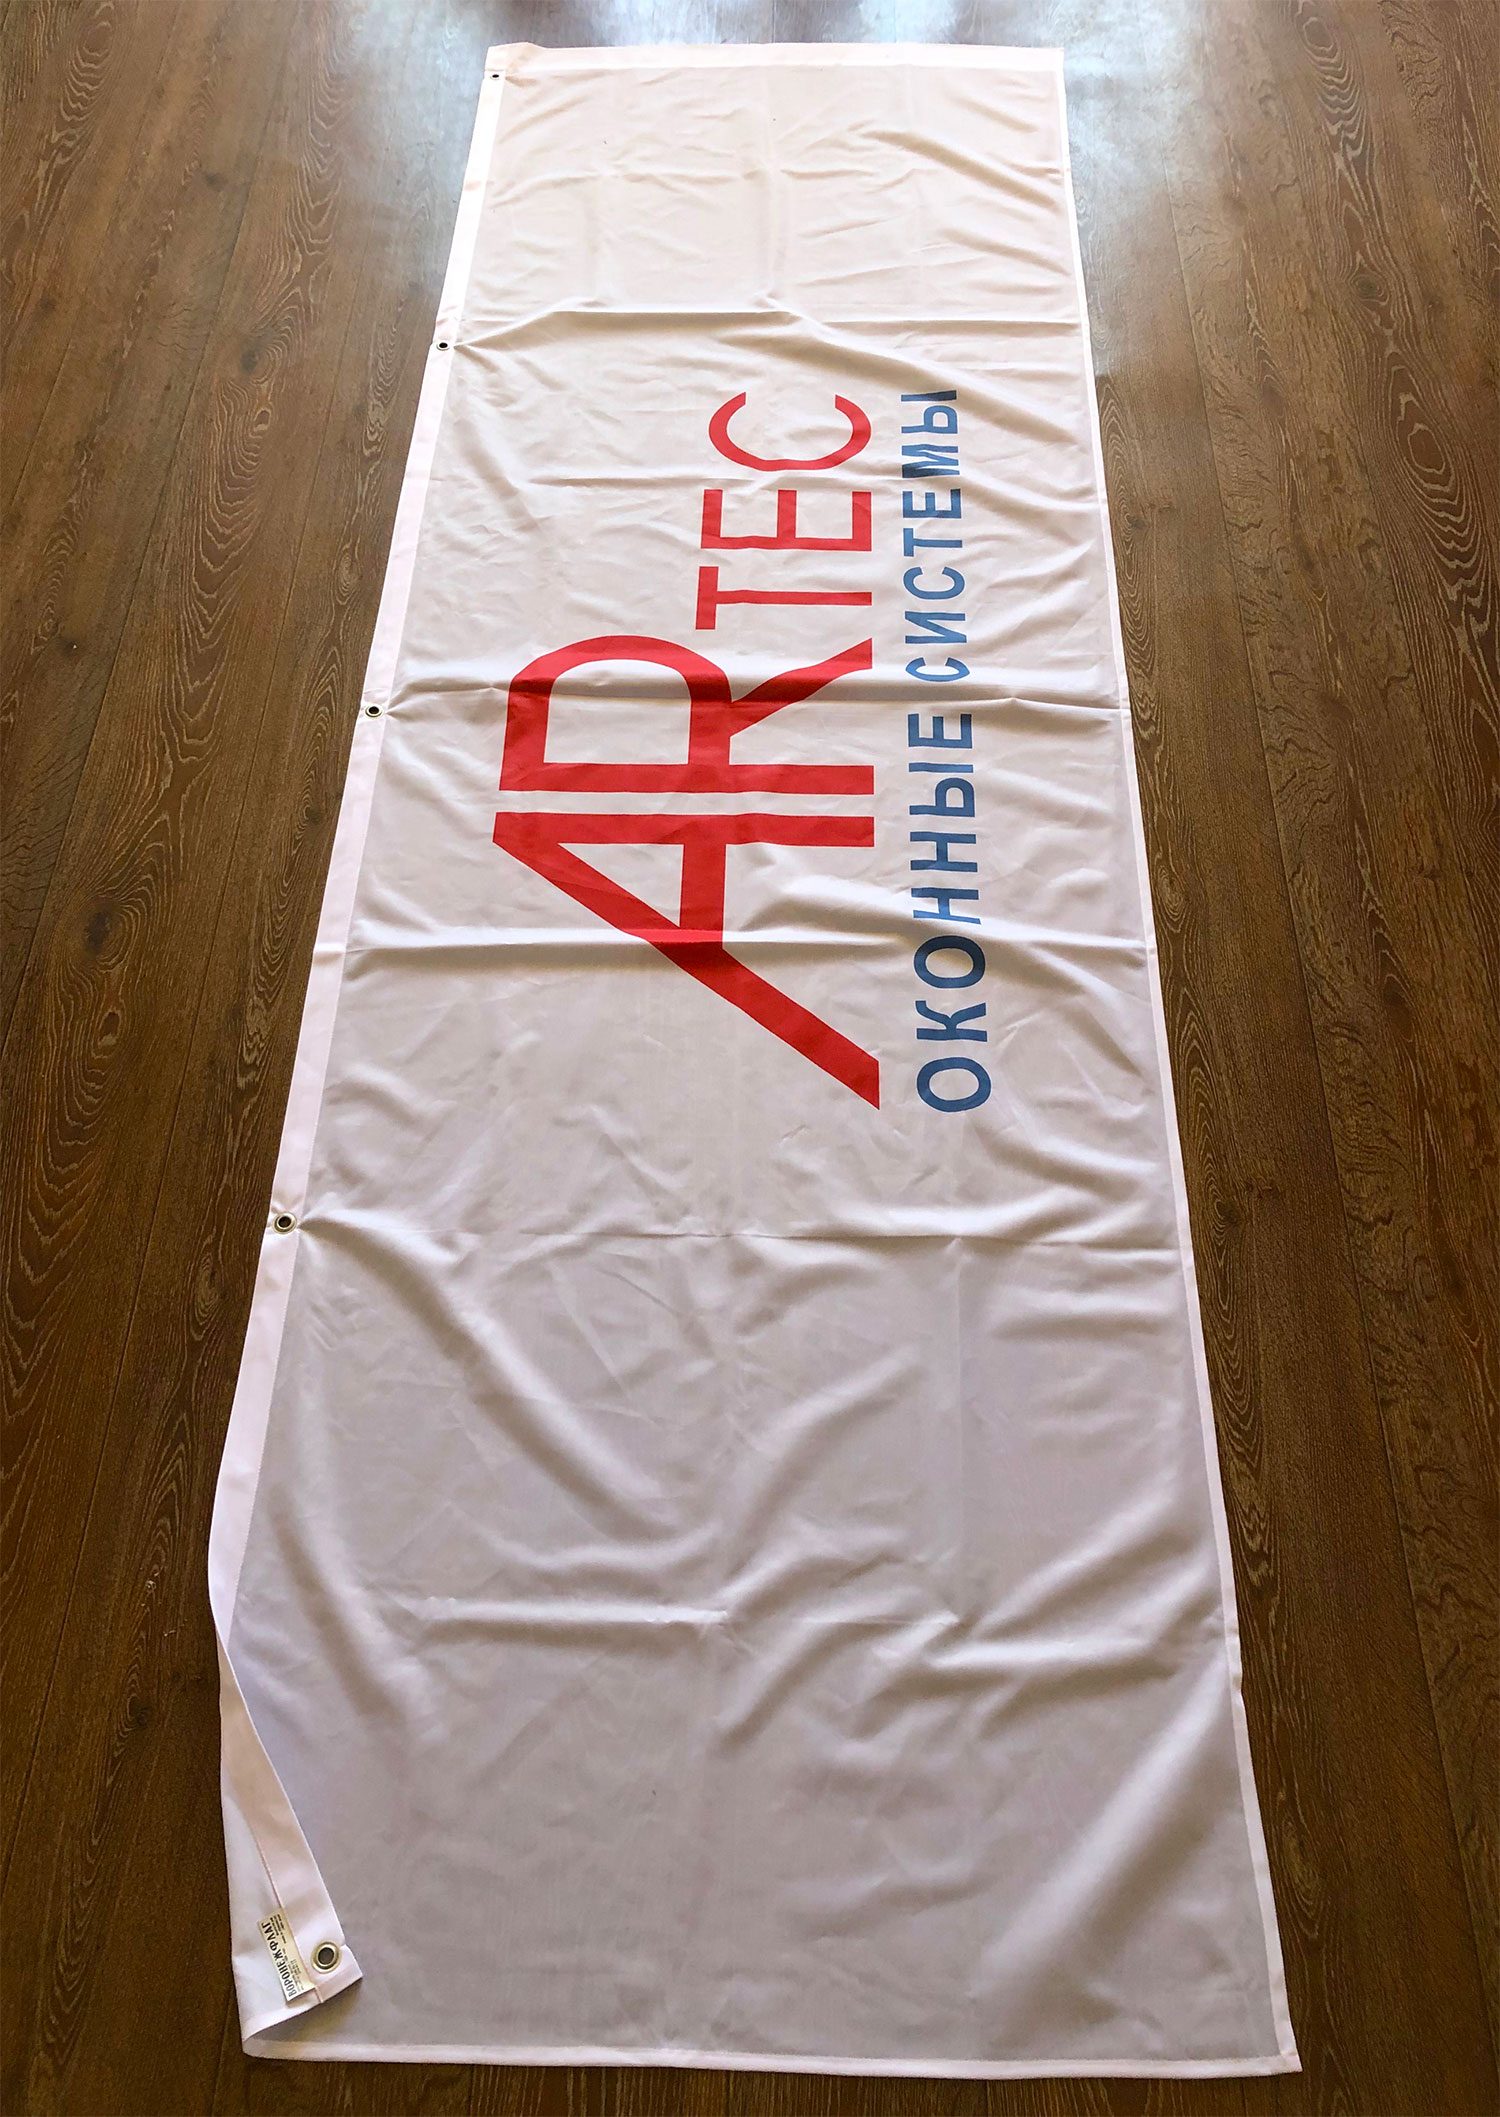 флаг-ARTEC-оконные-системы-воронеж